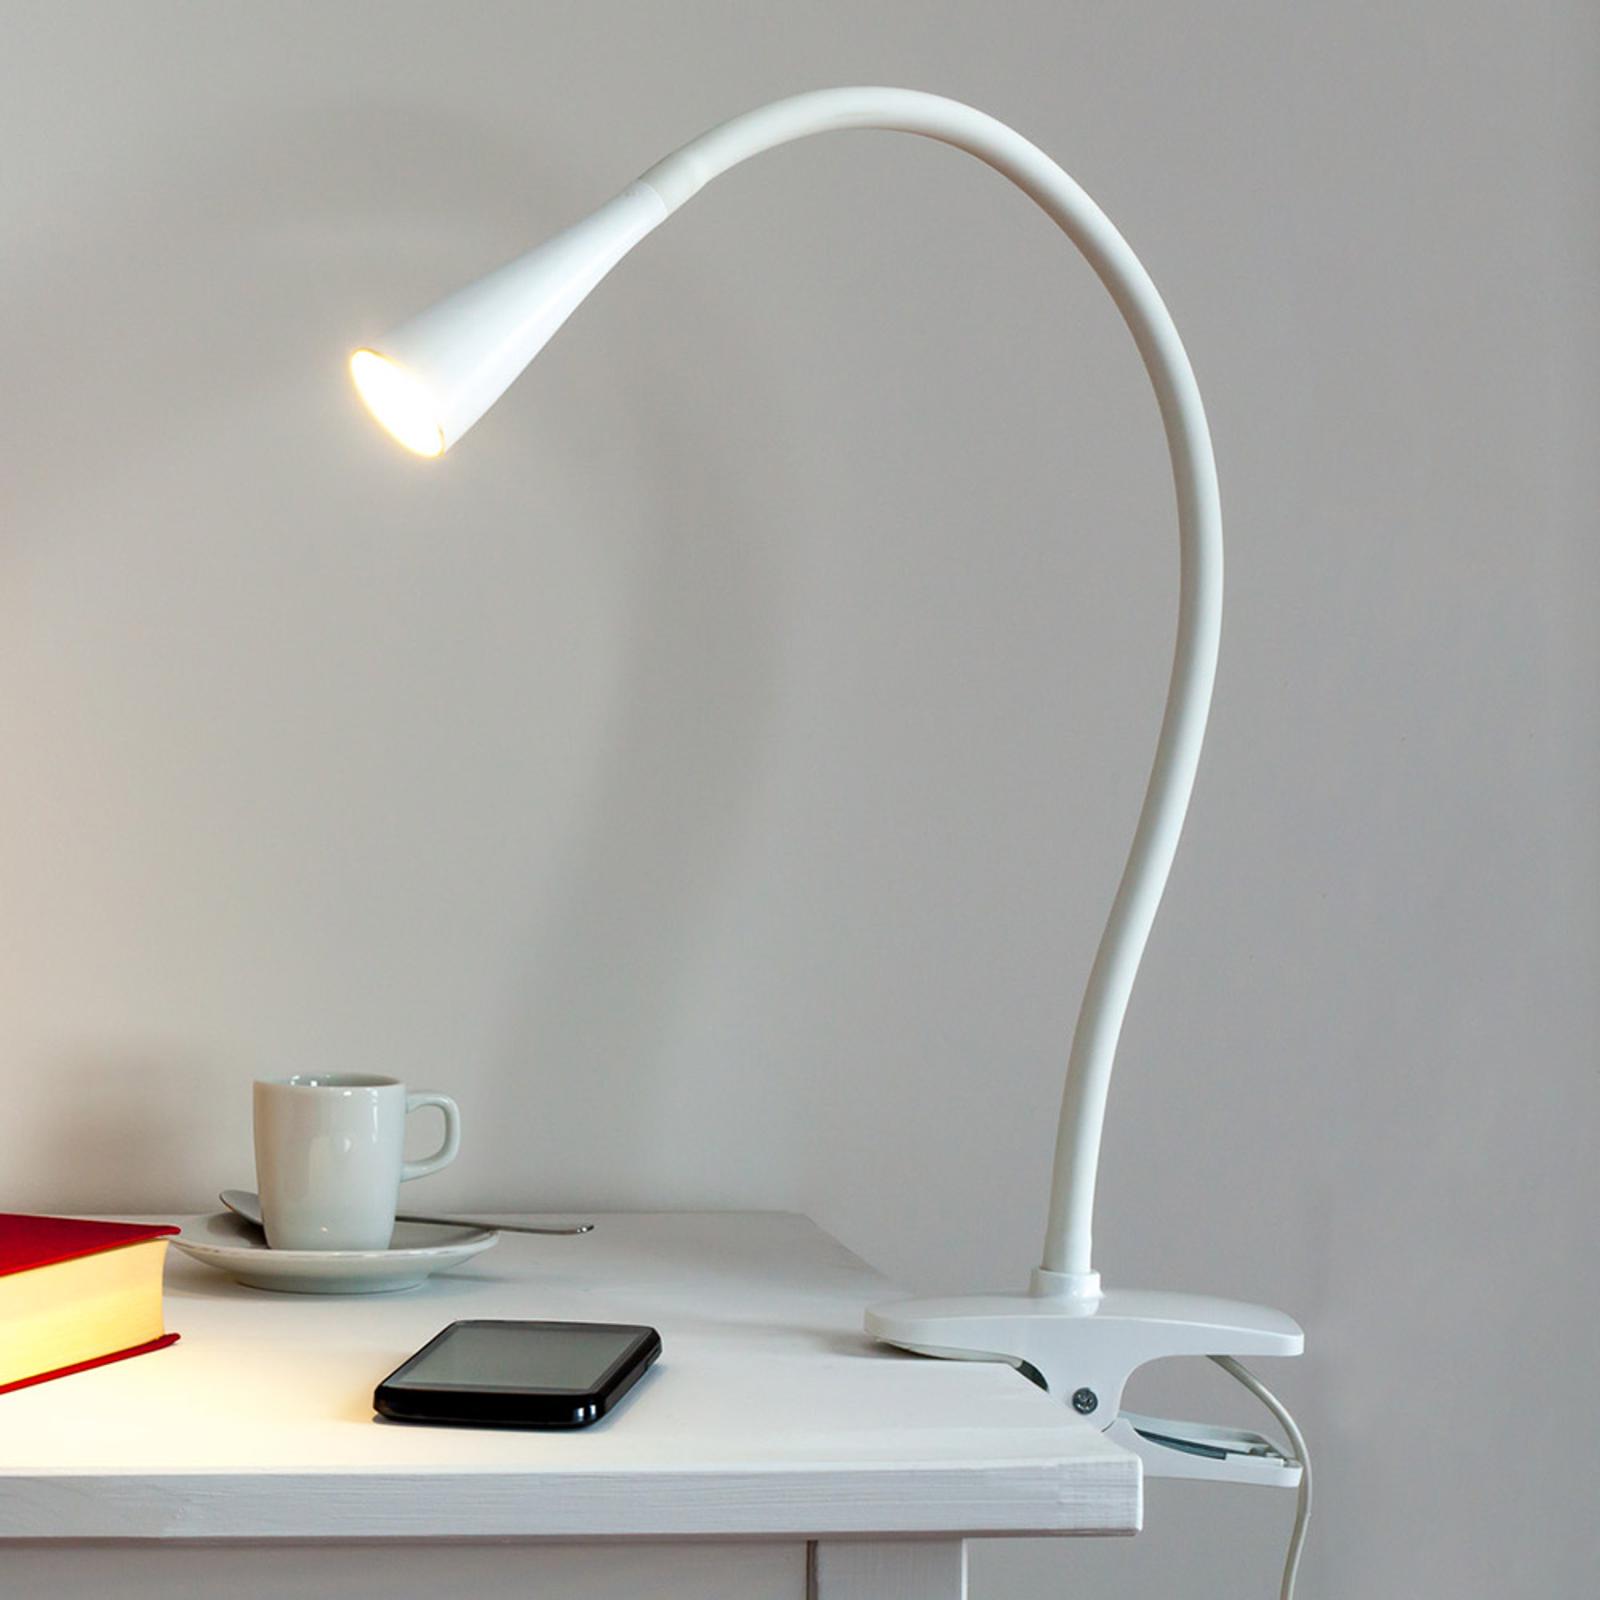 Úzká LED svítilna s klipem Baris v bílé